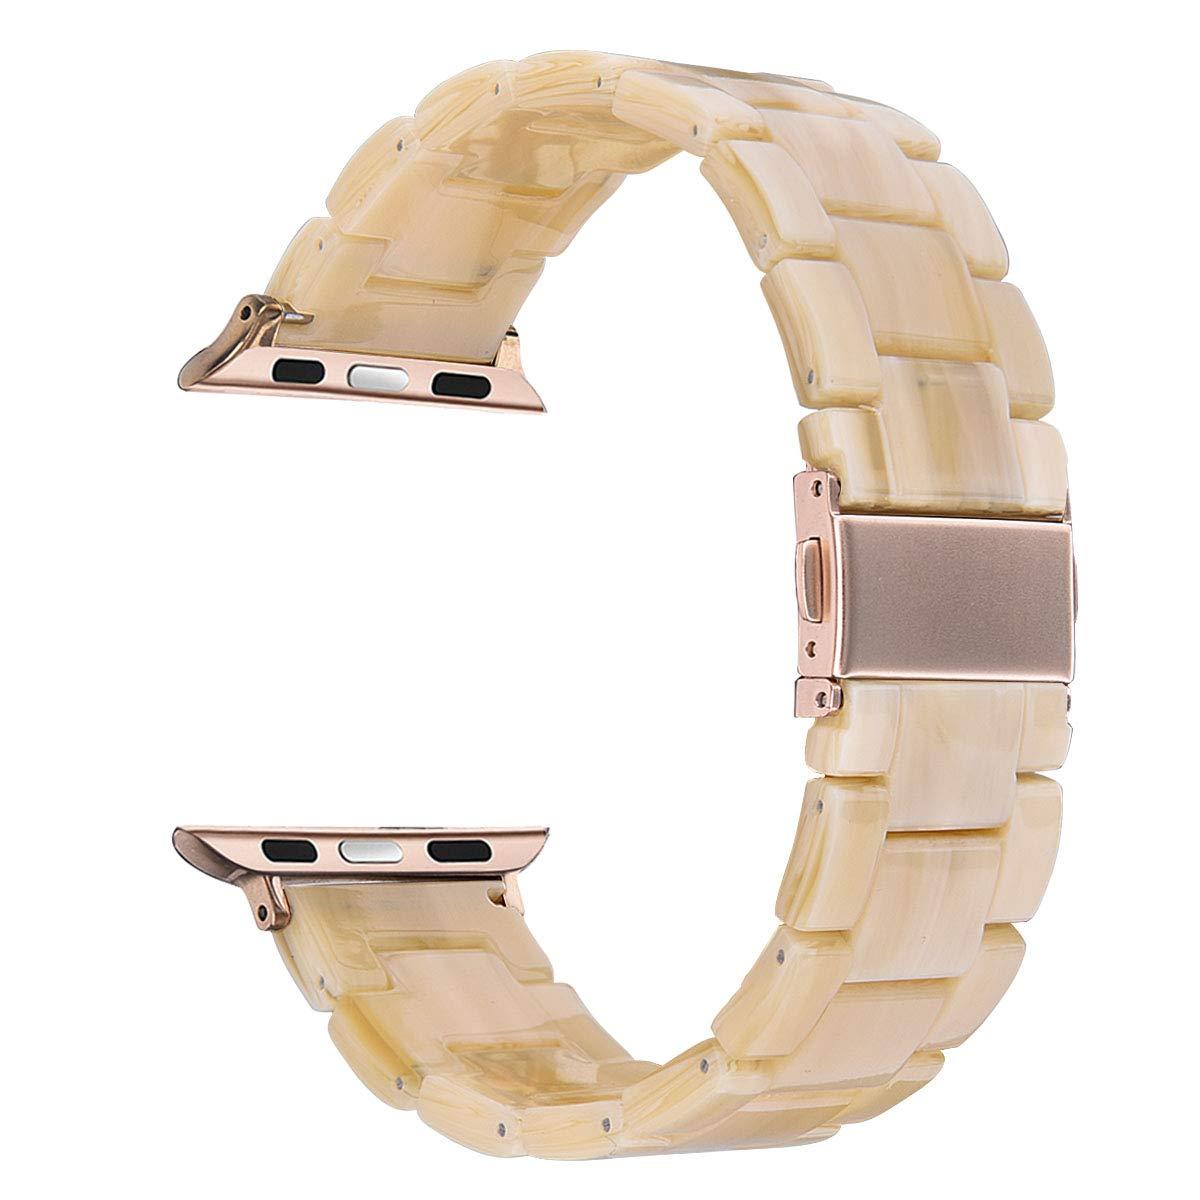 Malla Acero para Apple Watch (38/40mm) V-MORO [7CV7F2LP]